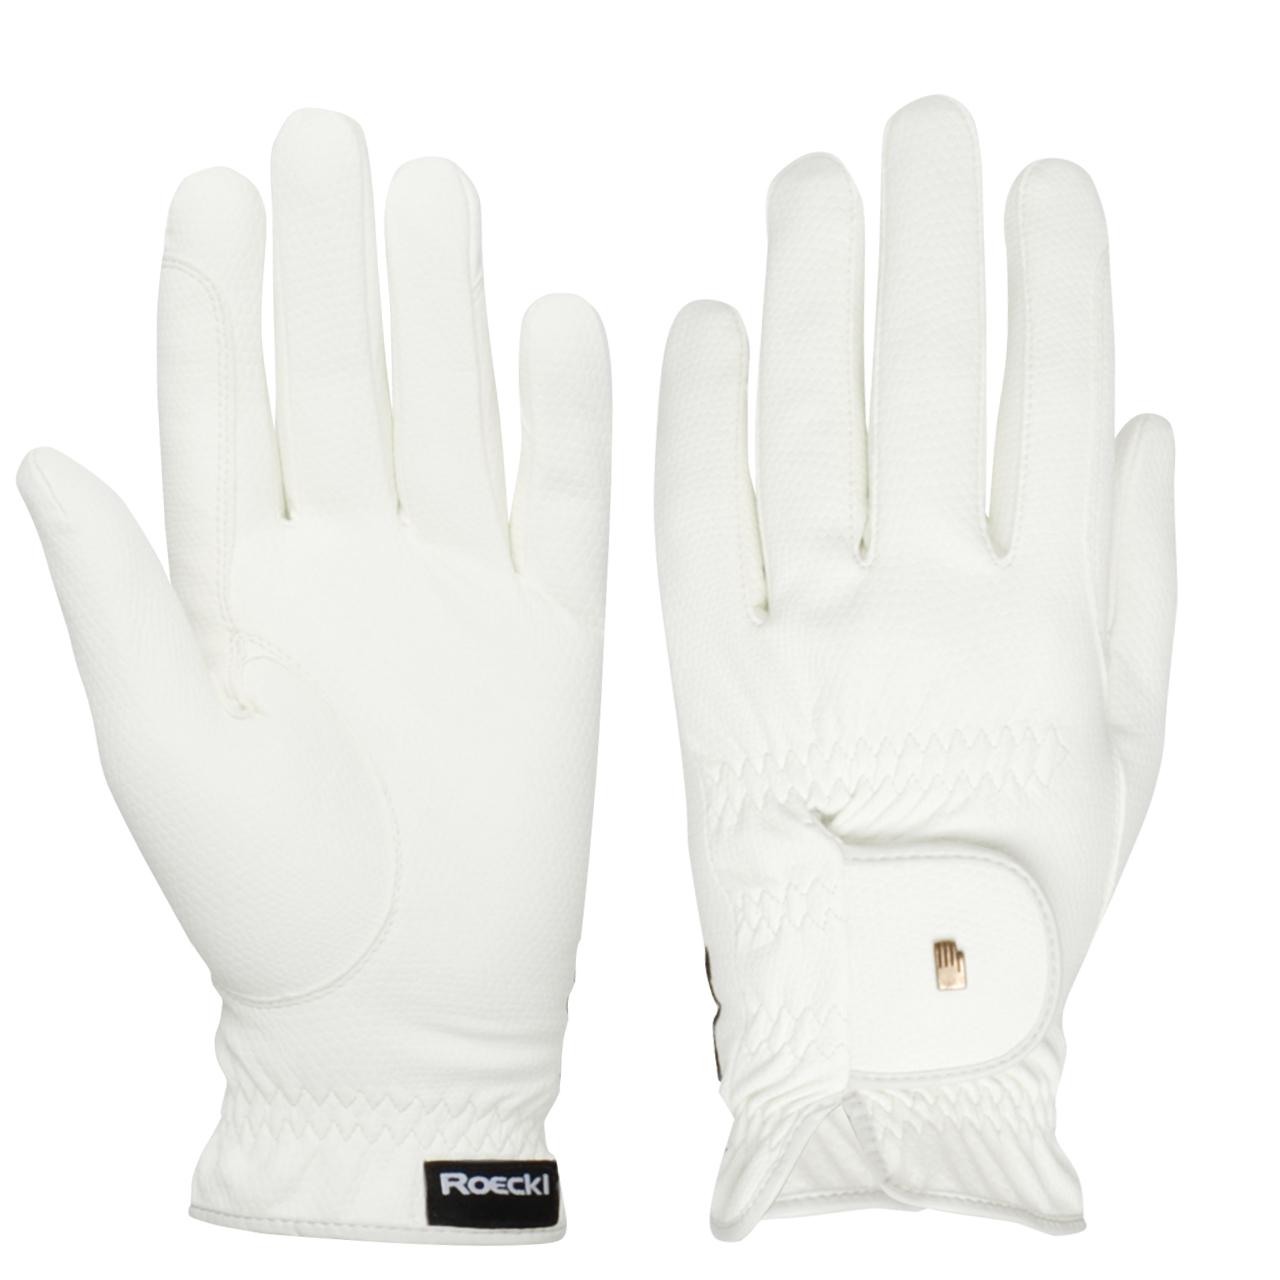 Roeckl Roeck grip Handschoen wit maat:10,5